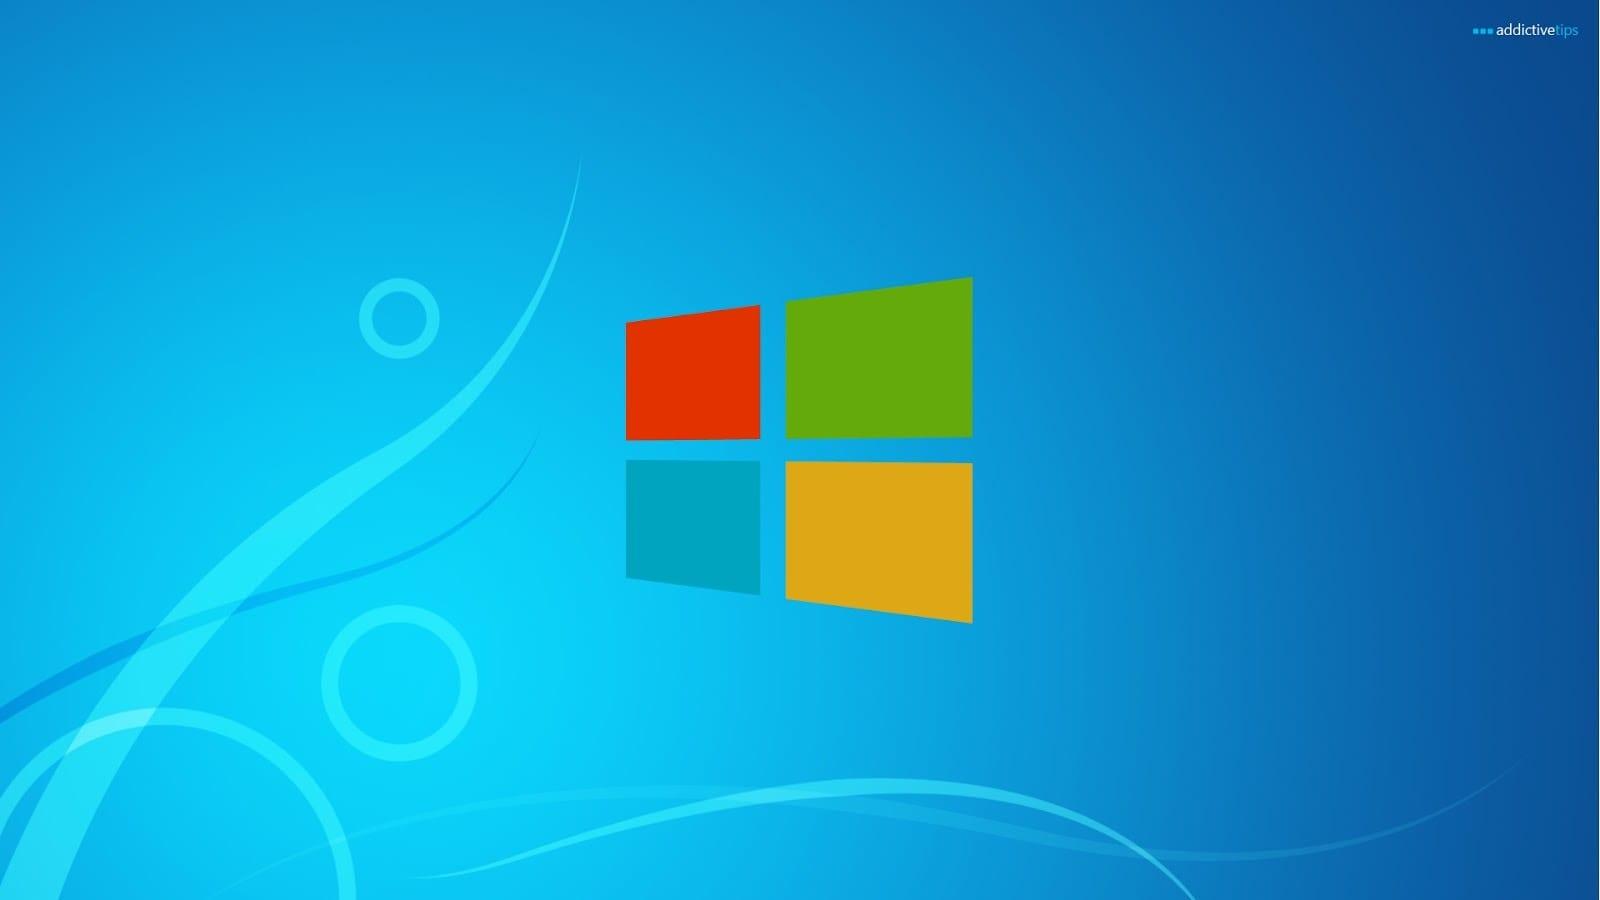 بحث عن نظام التشغيل ويندوز وكيفية التعرف على إصدار ويندوز Windows على الحاسوب